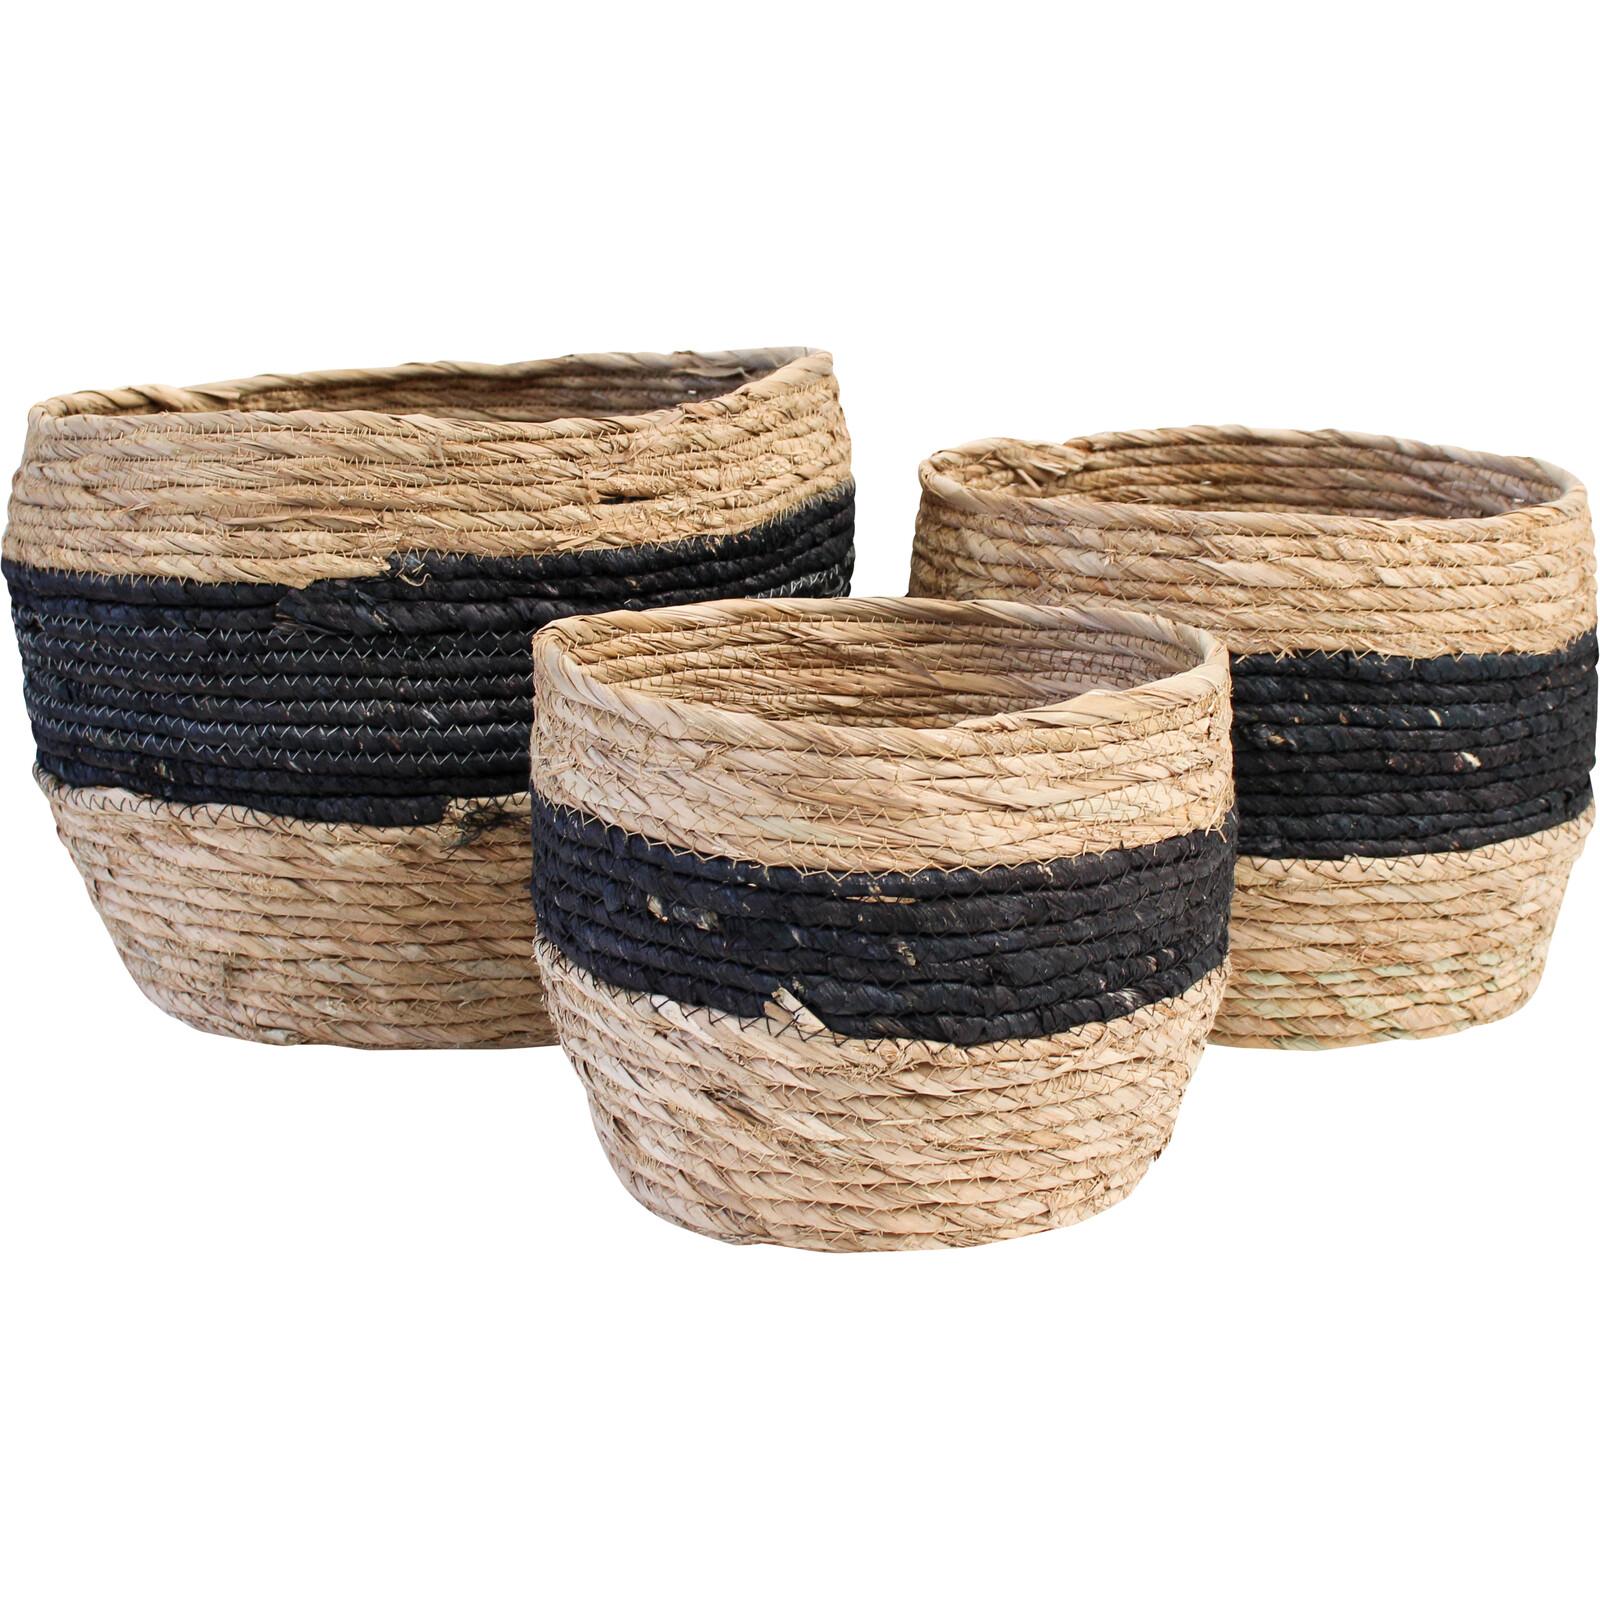 Basket/Planter Banded Jet S/3